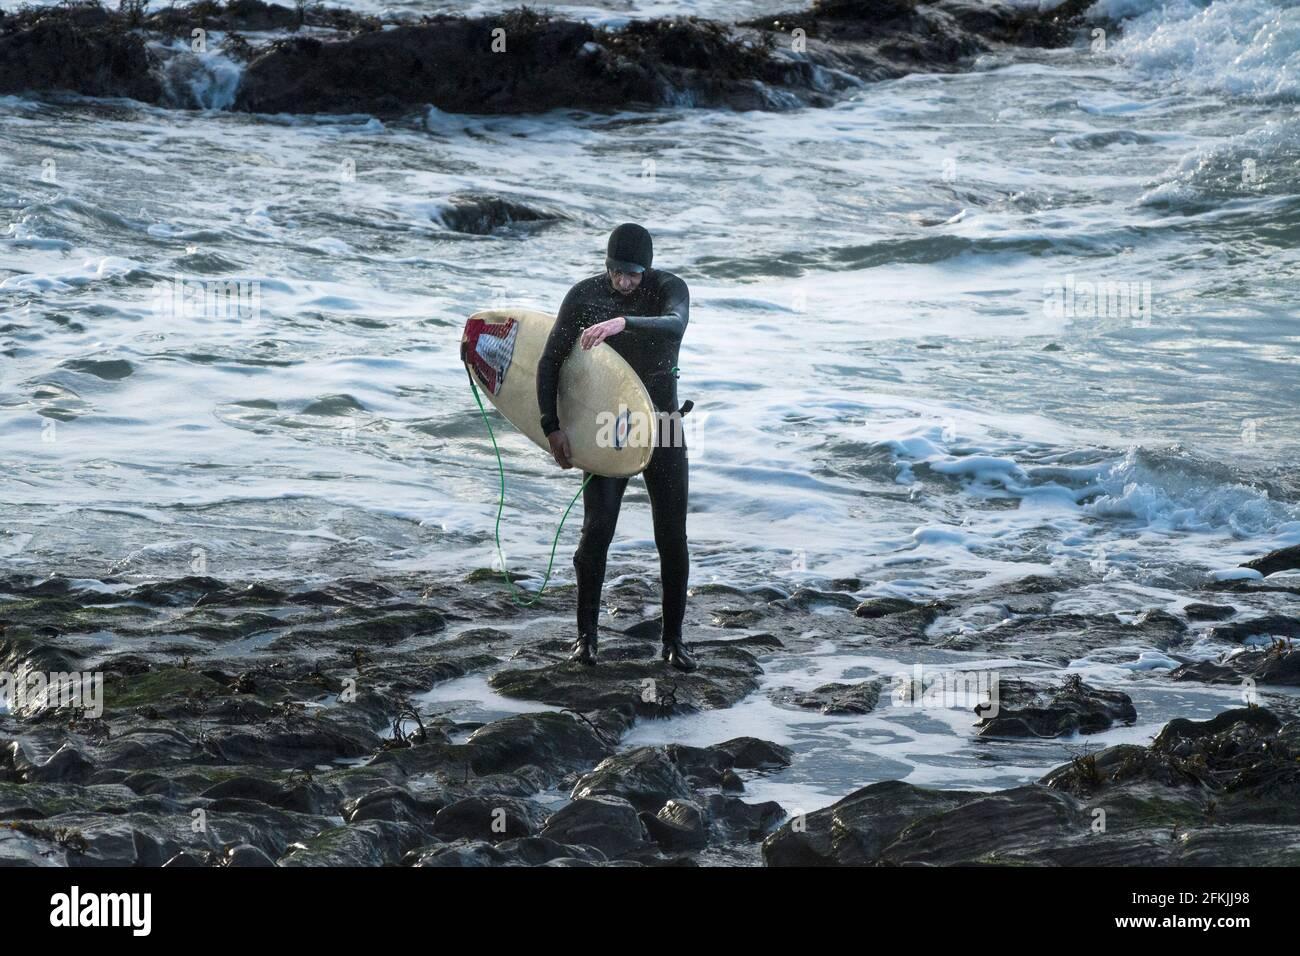 Un surfeur transportant sa planche de surf et marchant hors de la mer à Little Fistral à Newquay en Cornouailles. Banque D'Images